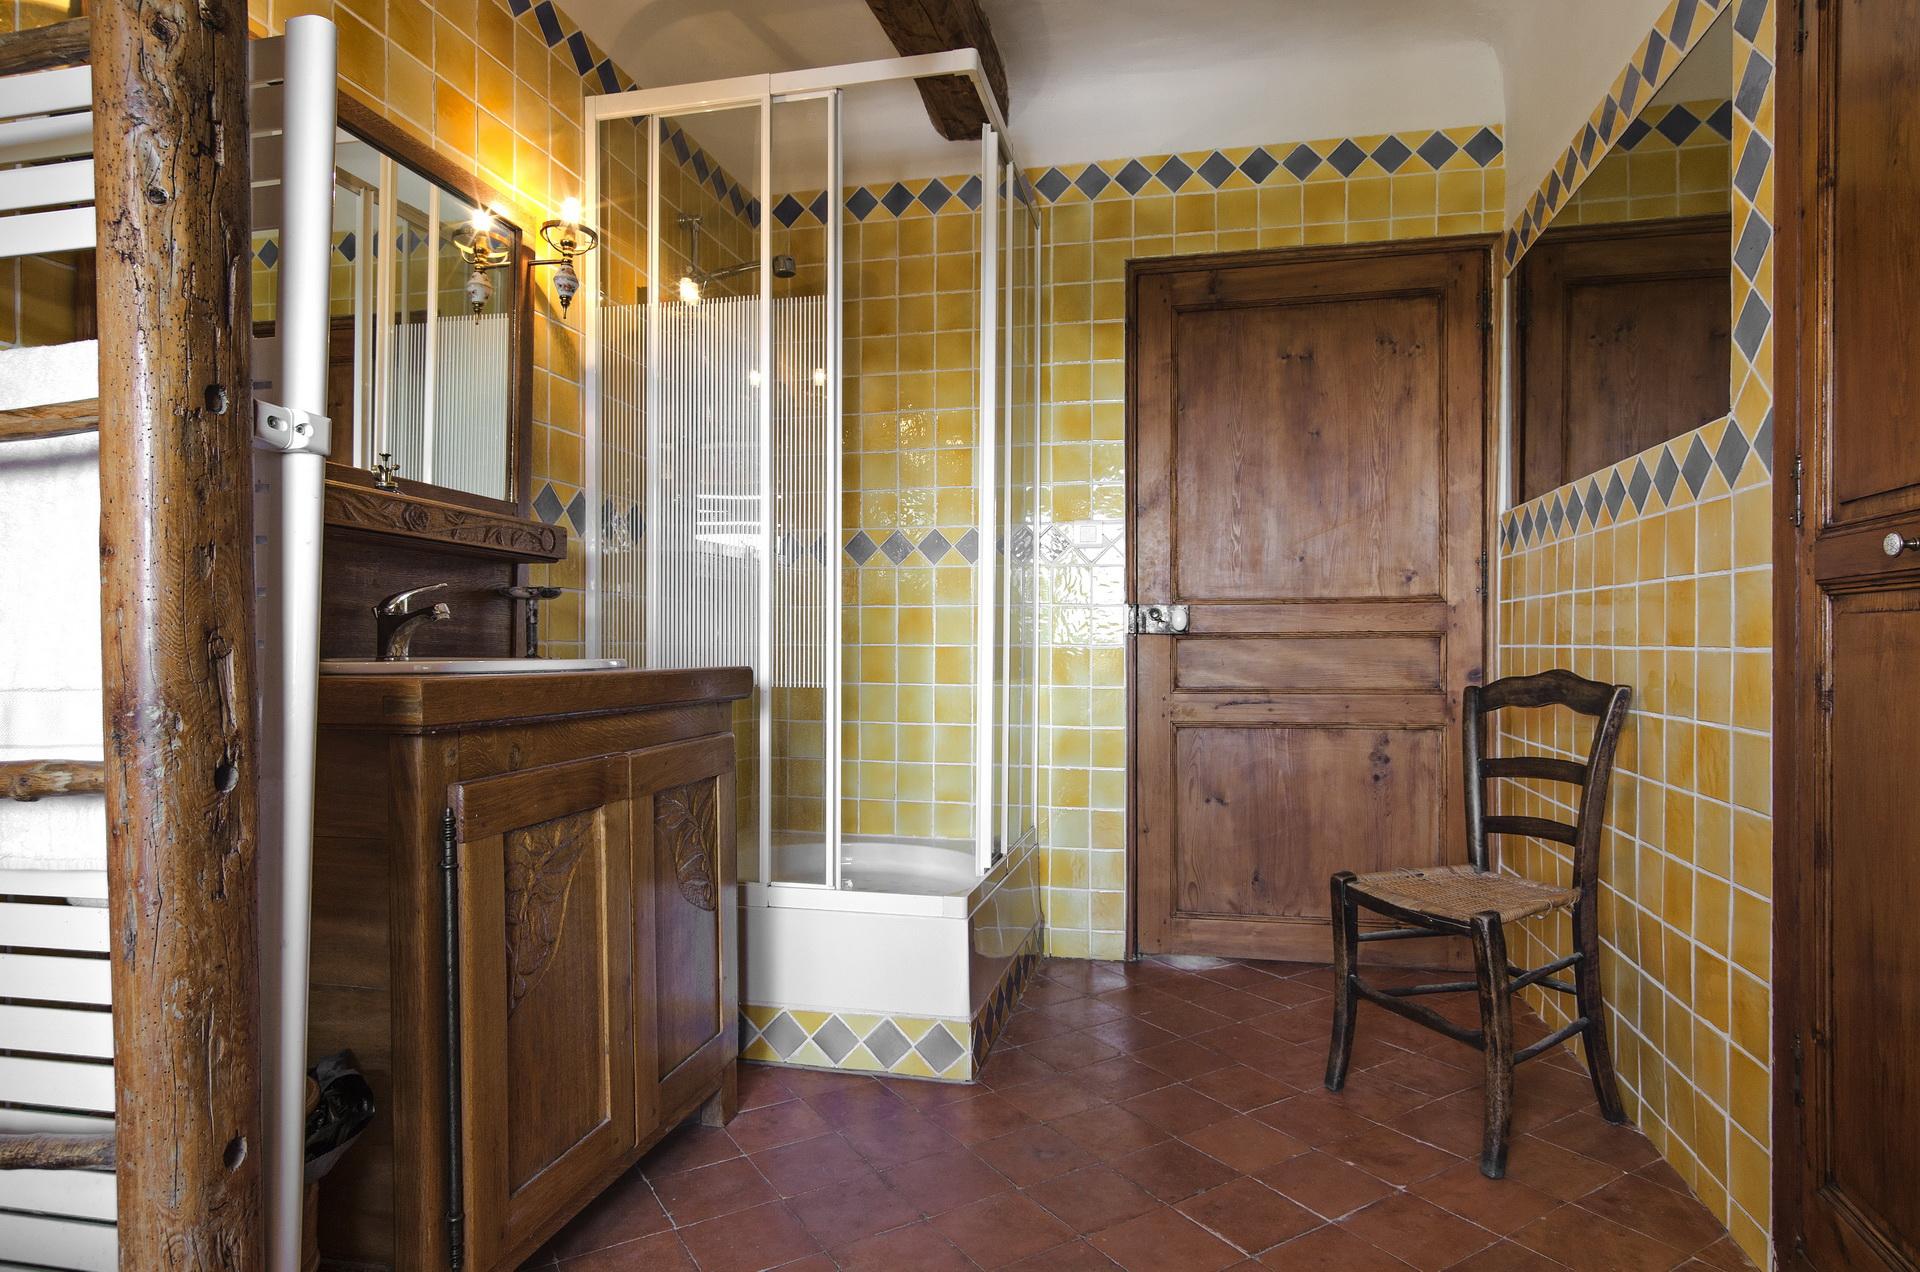 Fontaine Neuve gites et chambres d'hôtes à Lure : la sdb commune aux chambres bleu et rouge